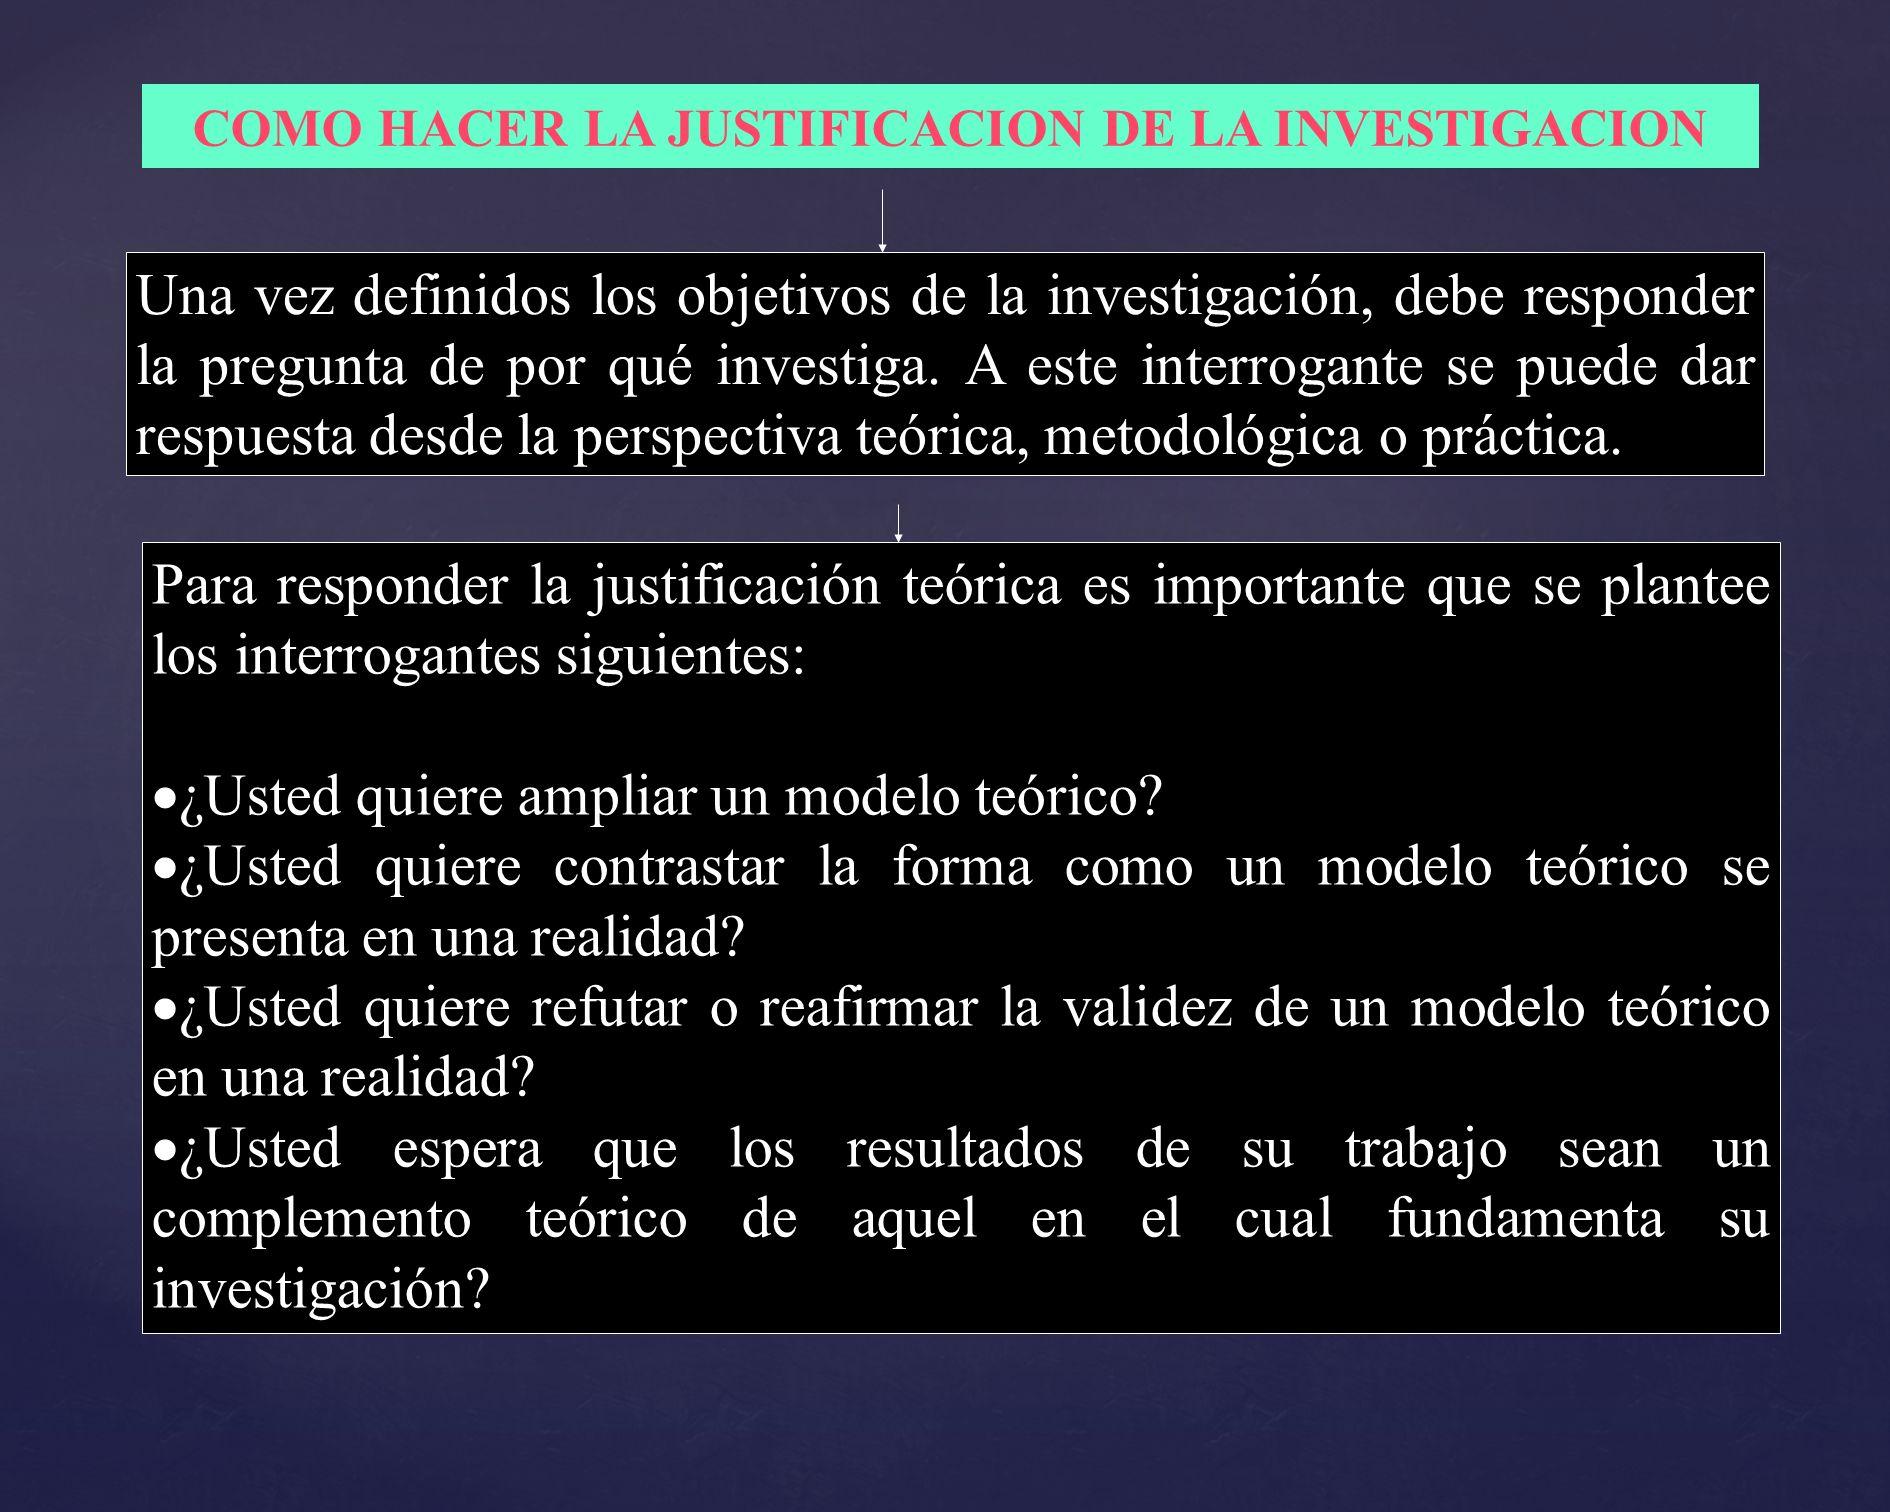 4. JUSTIFICACION DE LA INVESTIGACION OBJETIVOS DE INVESTIGACION Razones por las cuales se plantea la investigación JUSTIFICACION DE LA INVESTIGACION R